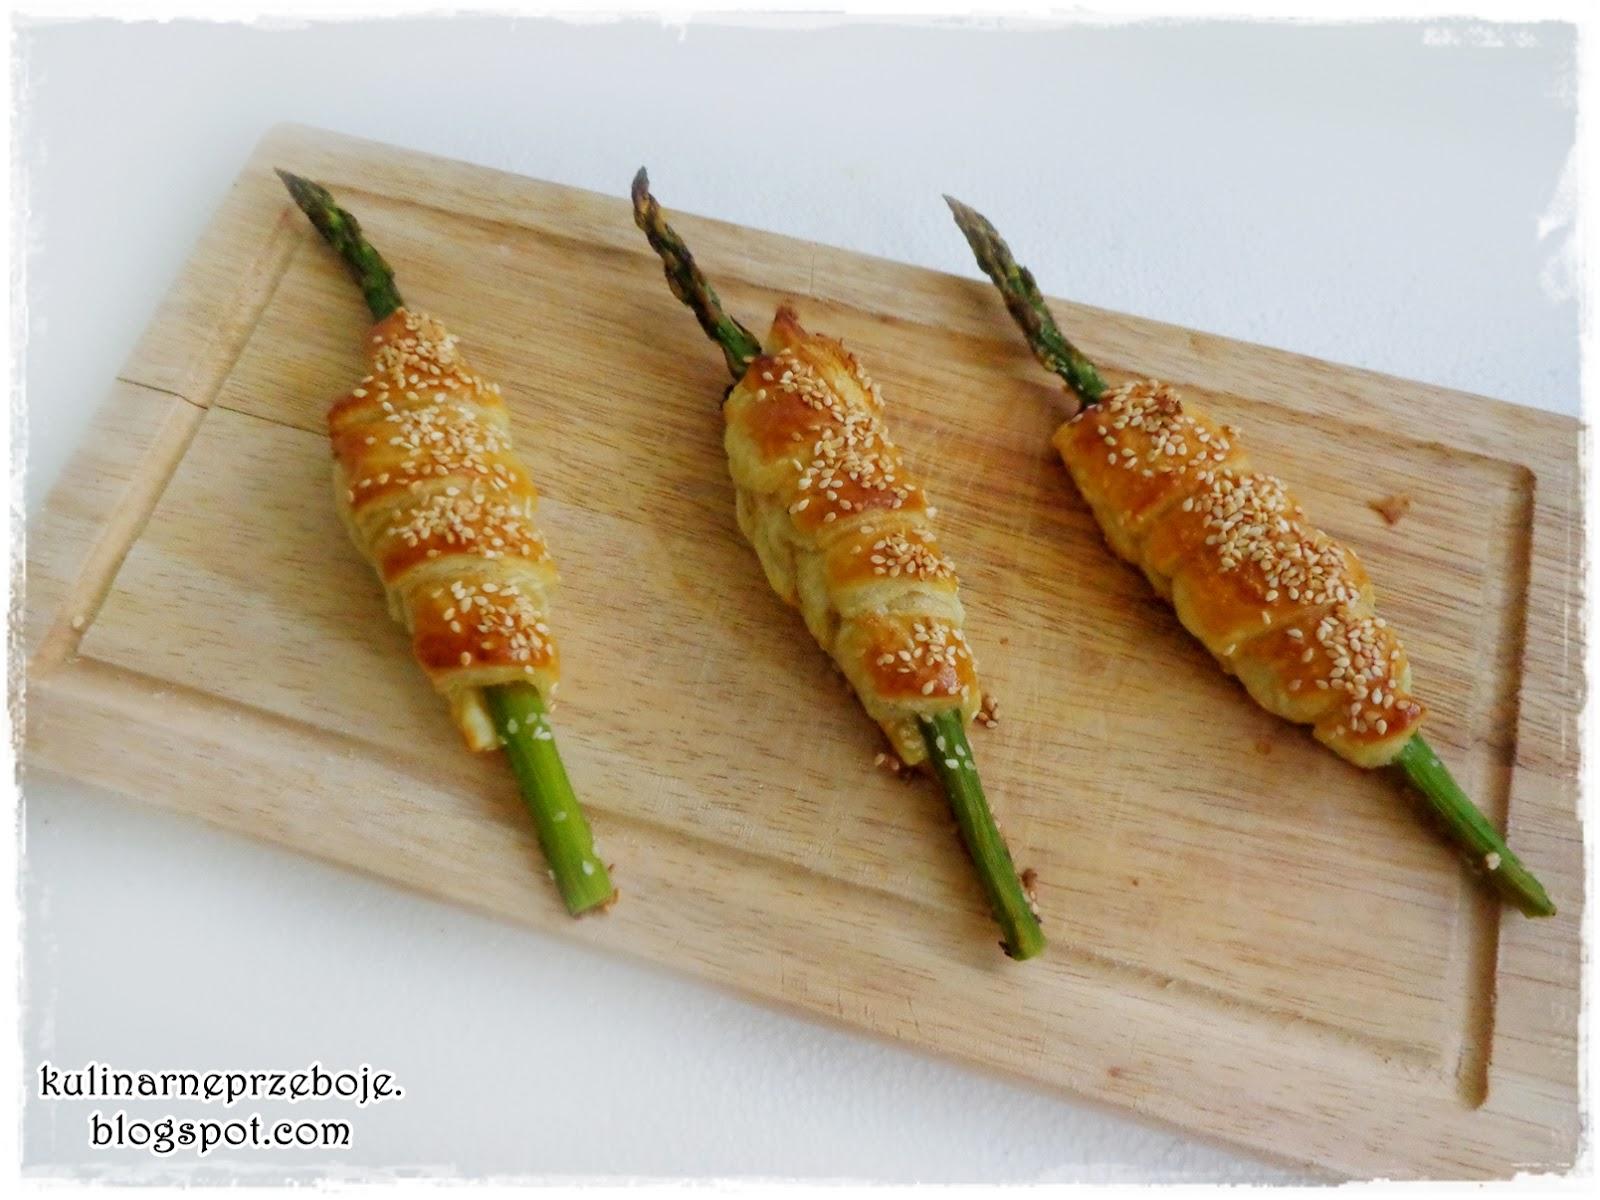 Szparagi w cieście francuskim z sezamem